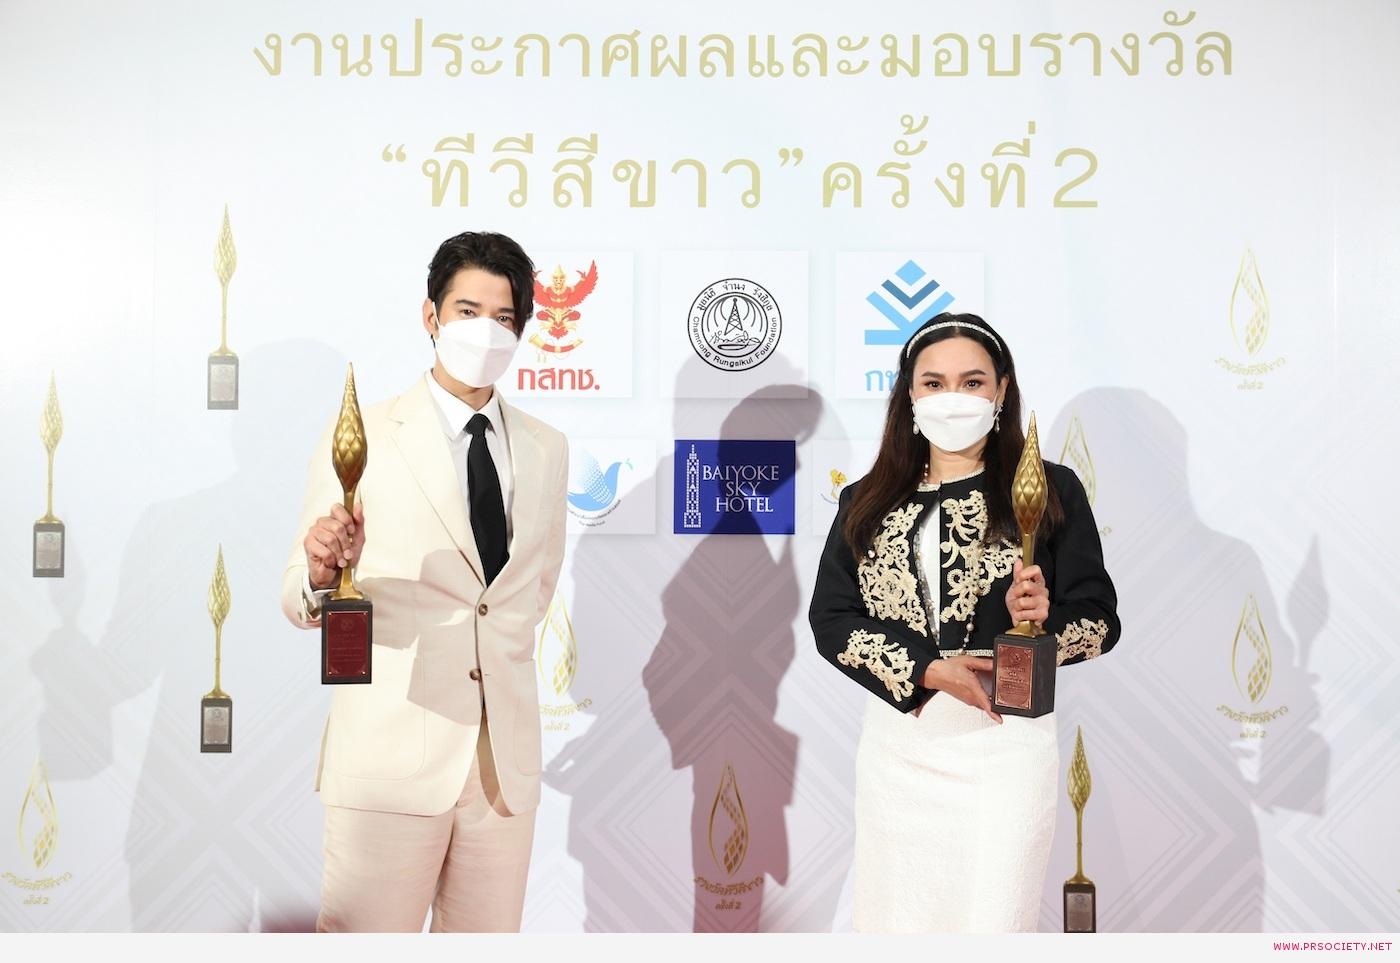 ใหม่ และ มาริโอ้ กับรางวัล นักแสดงนำหญิง และ นักแสดงนำชายดีเด่น_2